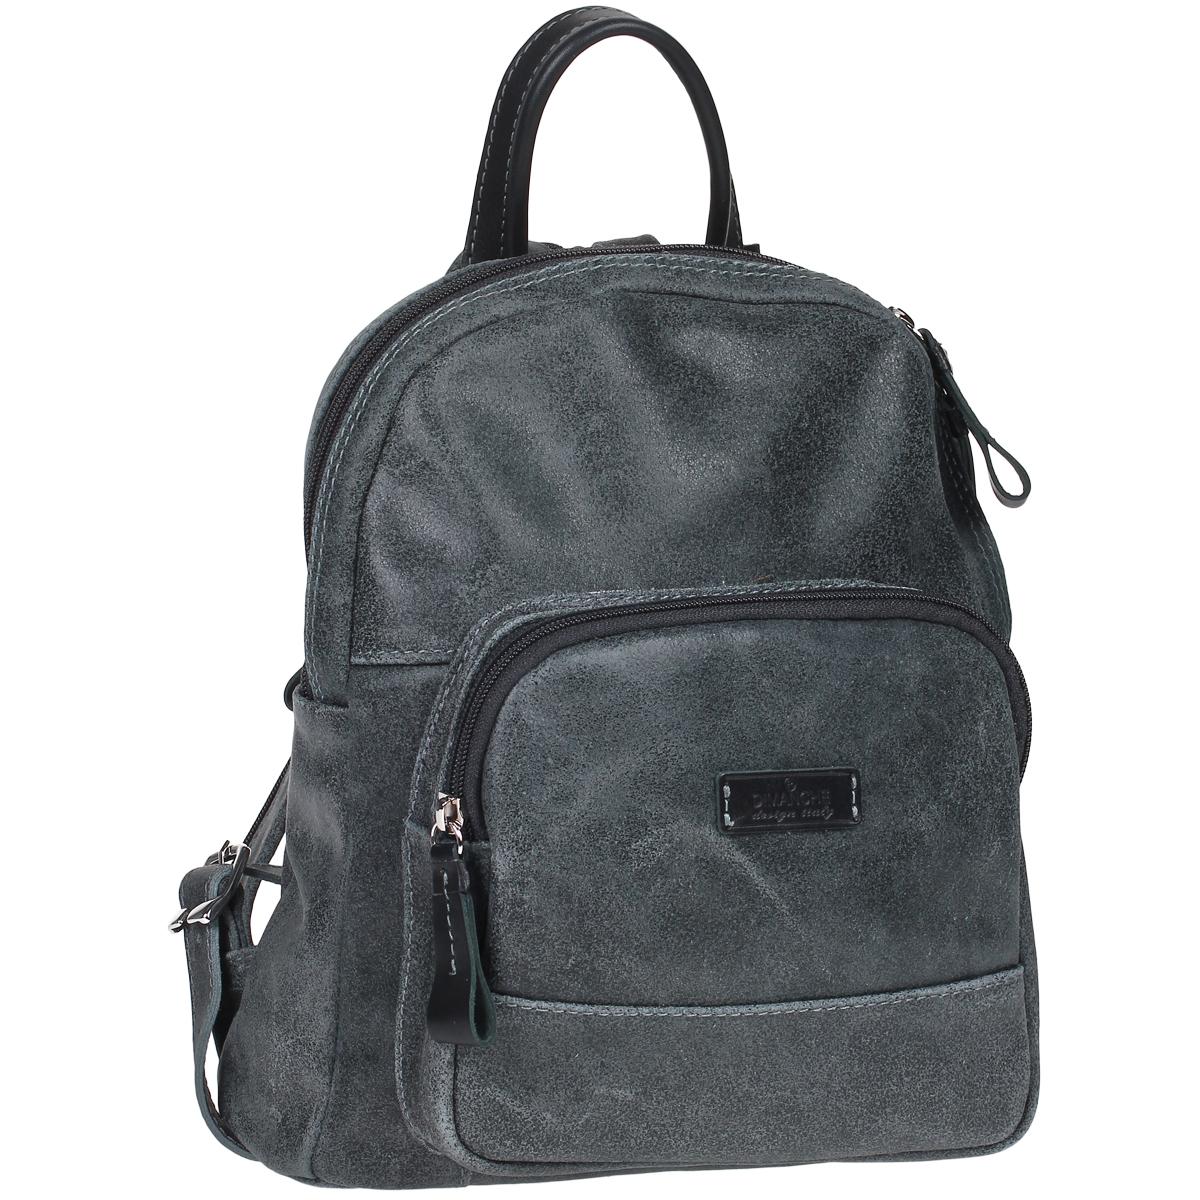 Рюкзак Dimanche, цвет: темно-серый. 468/36579995-400Стильный рюкзак Dimanche выполнен из натуральной кожи темно-серого цвета. Рюкзак имеет одно основное отделение, которое закрывается на застежку-молнию. Внутри - открытый карман и два накладных кармашка для телефона и мелких бумаг. С лицевой и задней стороны рюкзака расположены дополнительные карманы на застежке-молнии.Рюкзак оснащен двумя лямки регулируемой длины, которые при помощи молнии соединяются в одну и удобной ручкой для переноски. Фурнитура - серебристого цвета. Рюкзак упакован в фирменный текстильный мешок.Стильный рюкзак Dimanche станет финальным штрихом в создании вашего неповторимого образа. Характеристики: Материал: натуральная кожа, текстиль, металл. Цвет: темно-серый. Размер рюкзака: 25 см х 28 см х 13 см. Высота ручки: 10 см. Длина лямок (регулируется): 73 см.